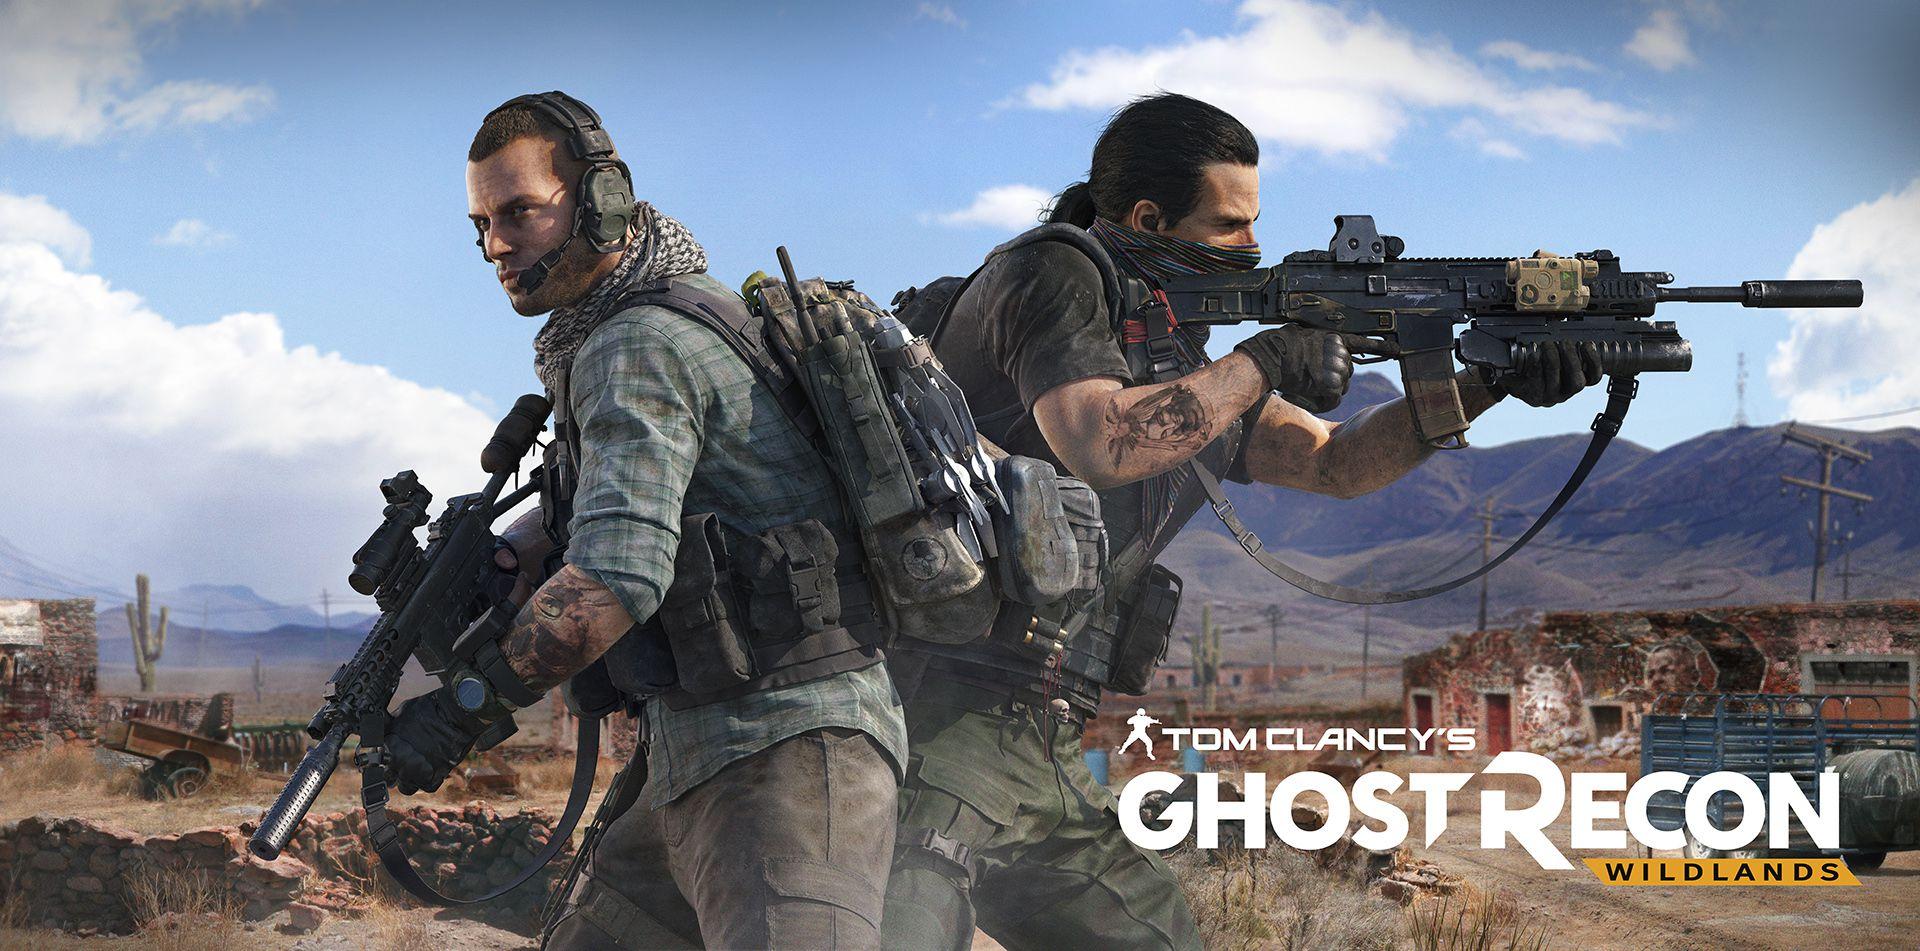 Ghost Recon: Wildlands ahora puedes jugar durante 5 horas gratuitamente